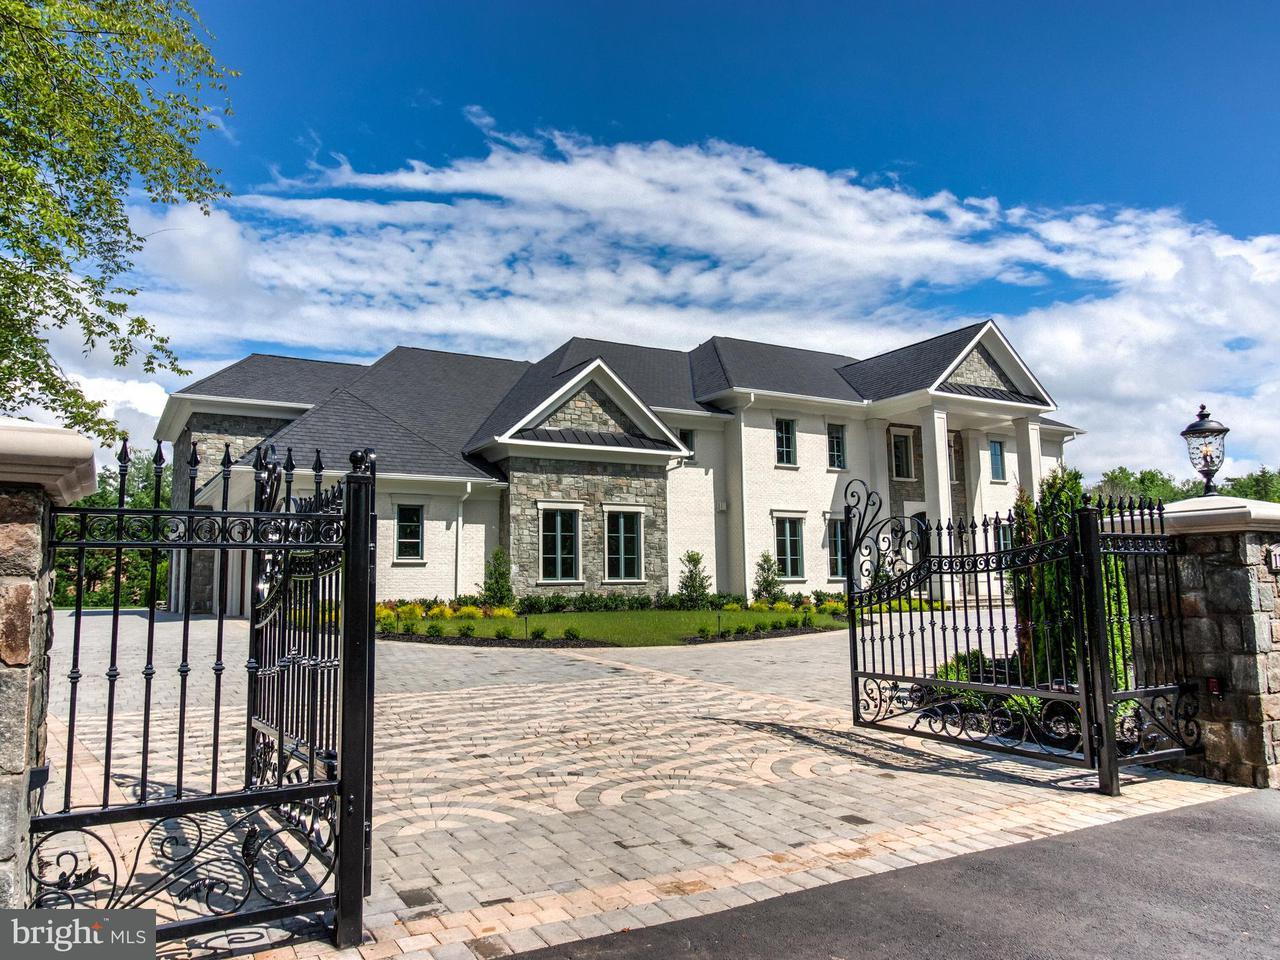 独户住宅 为 销售 在 1181 Ballantrae Lane 1181 Ballantrae Lane 麦克林, 弗吉尼亚州 22101 美国